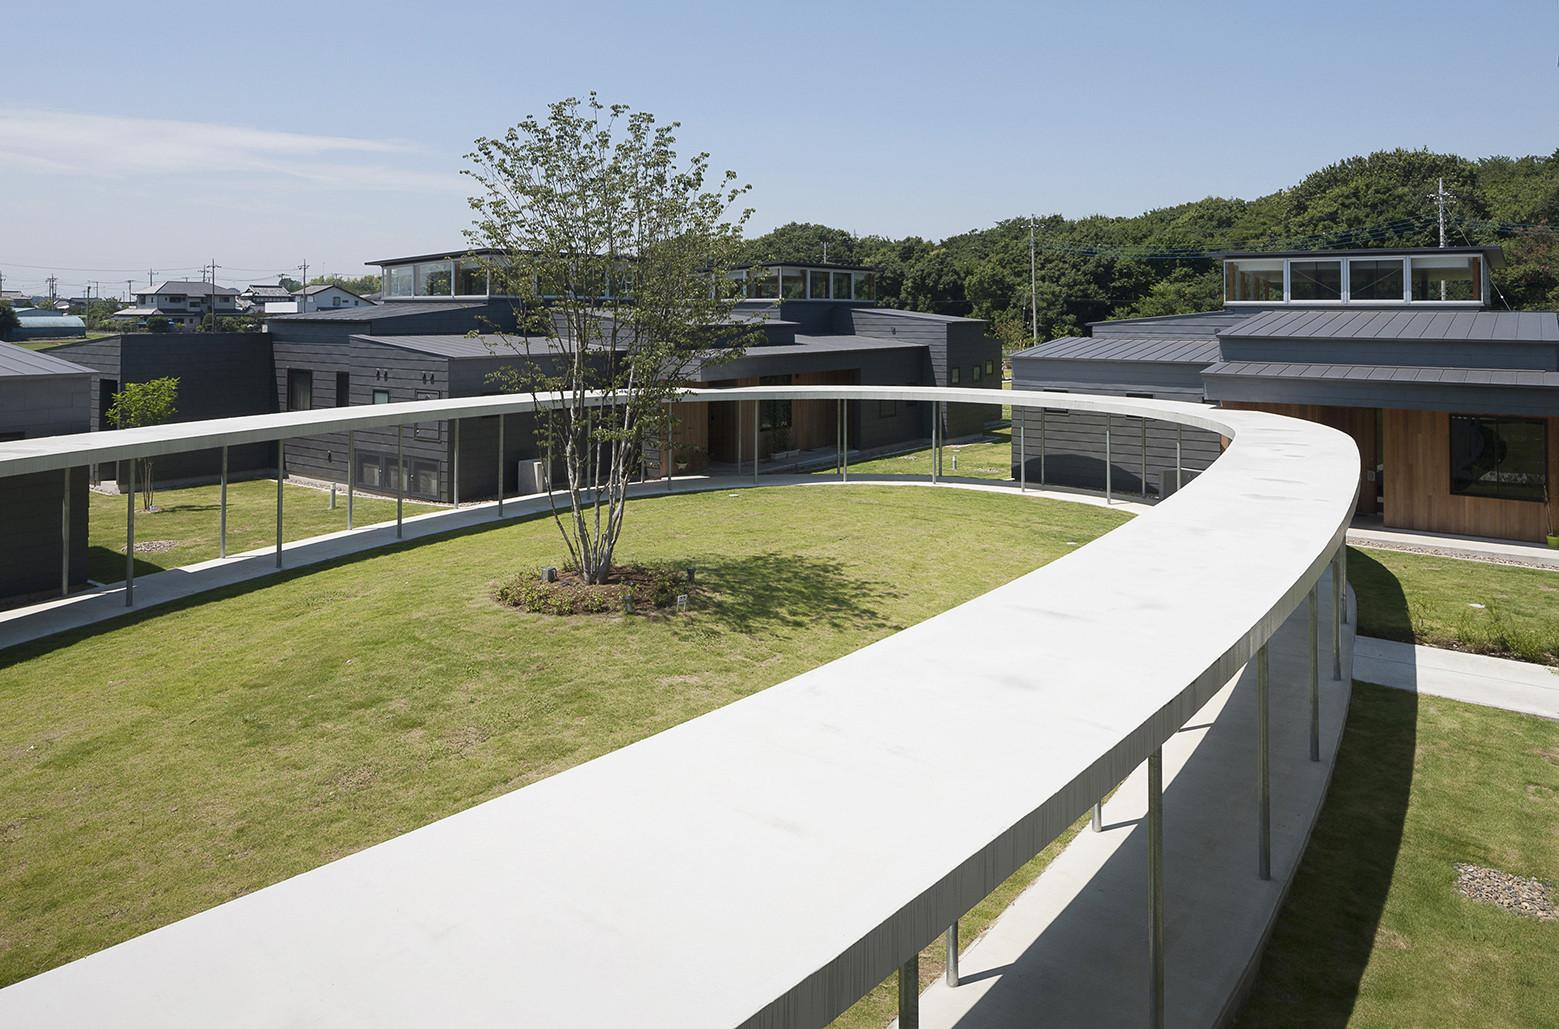 """Hogar de Menores """"Tsukuba-Aiji-en"""" / K+S Architects, © Hiroshi Ueda, Yoshihiro Asada"""